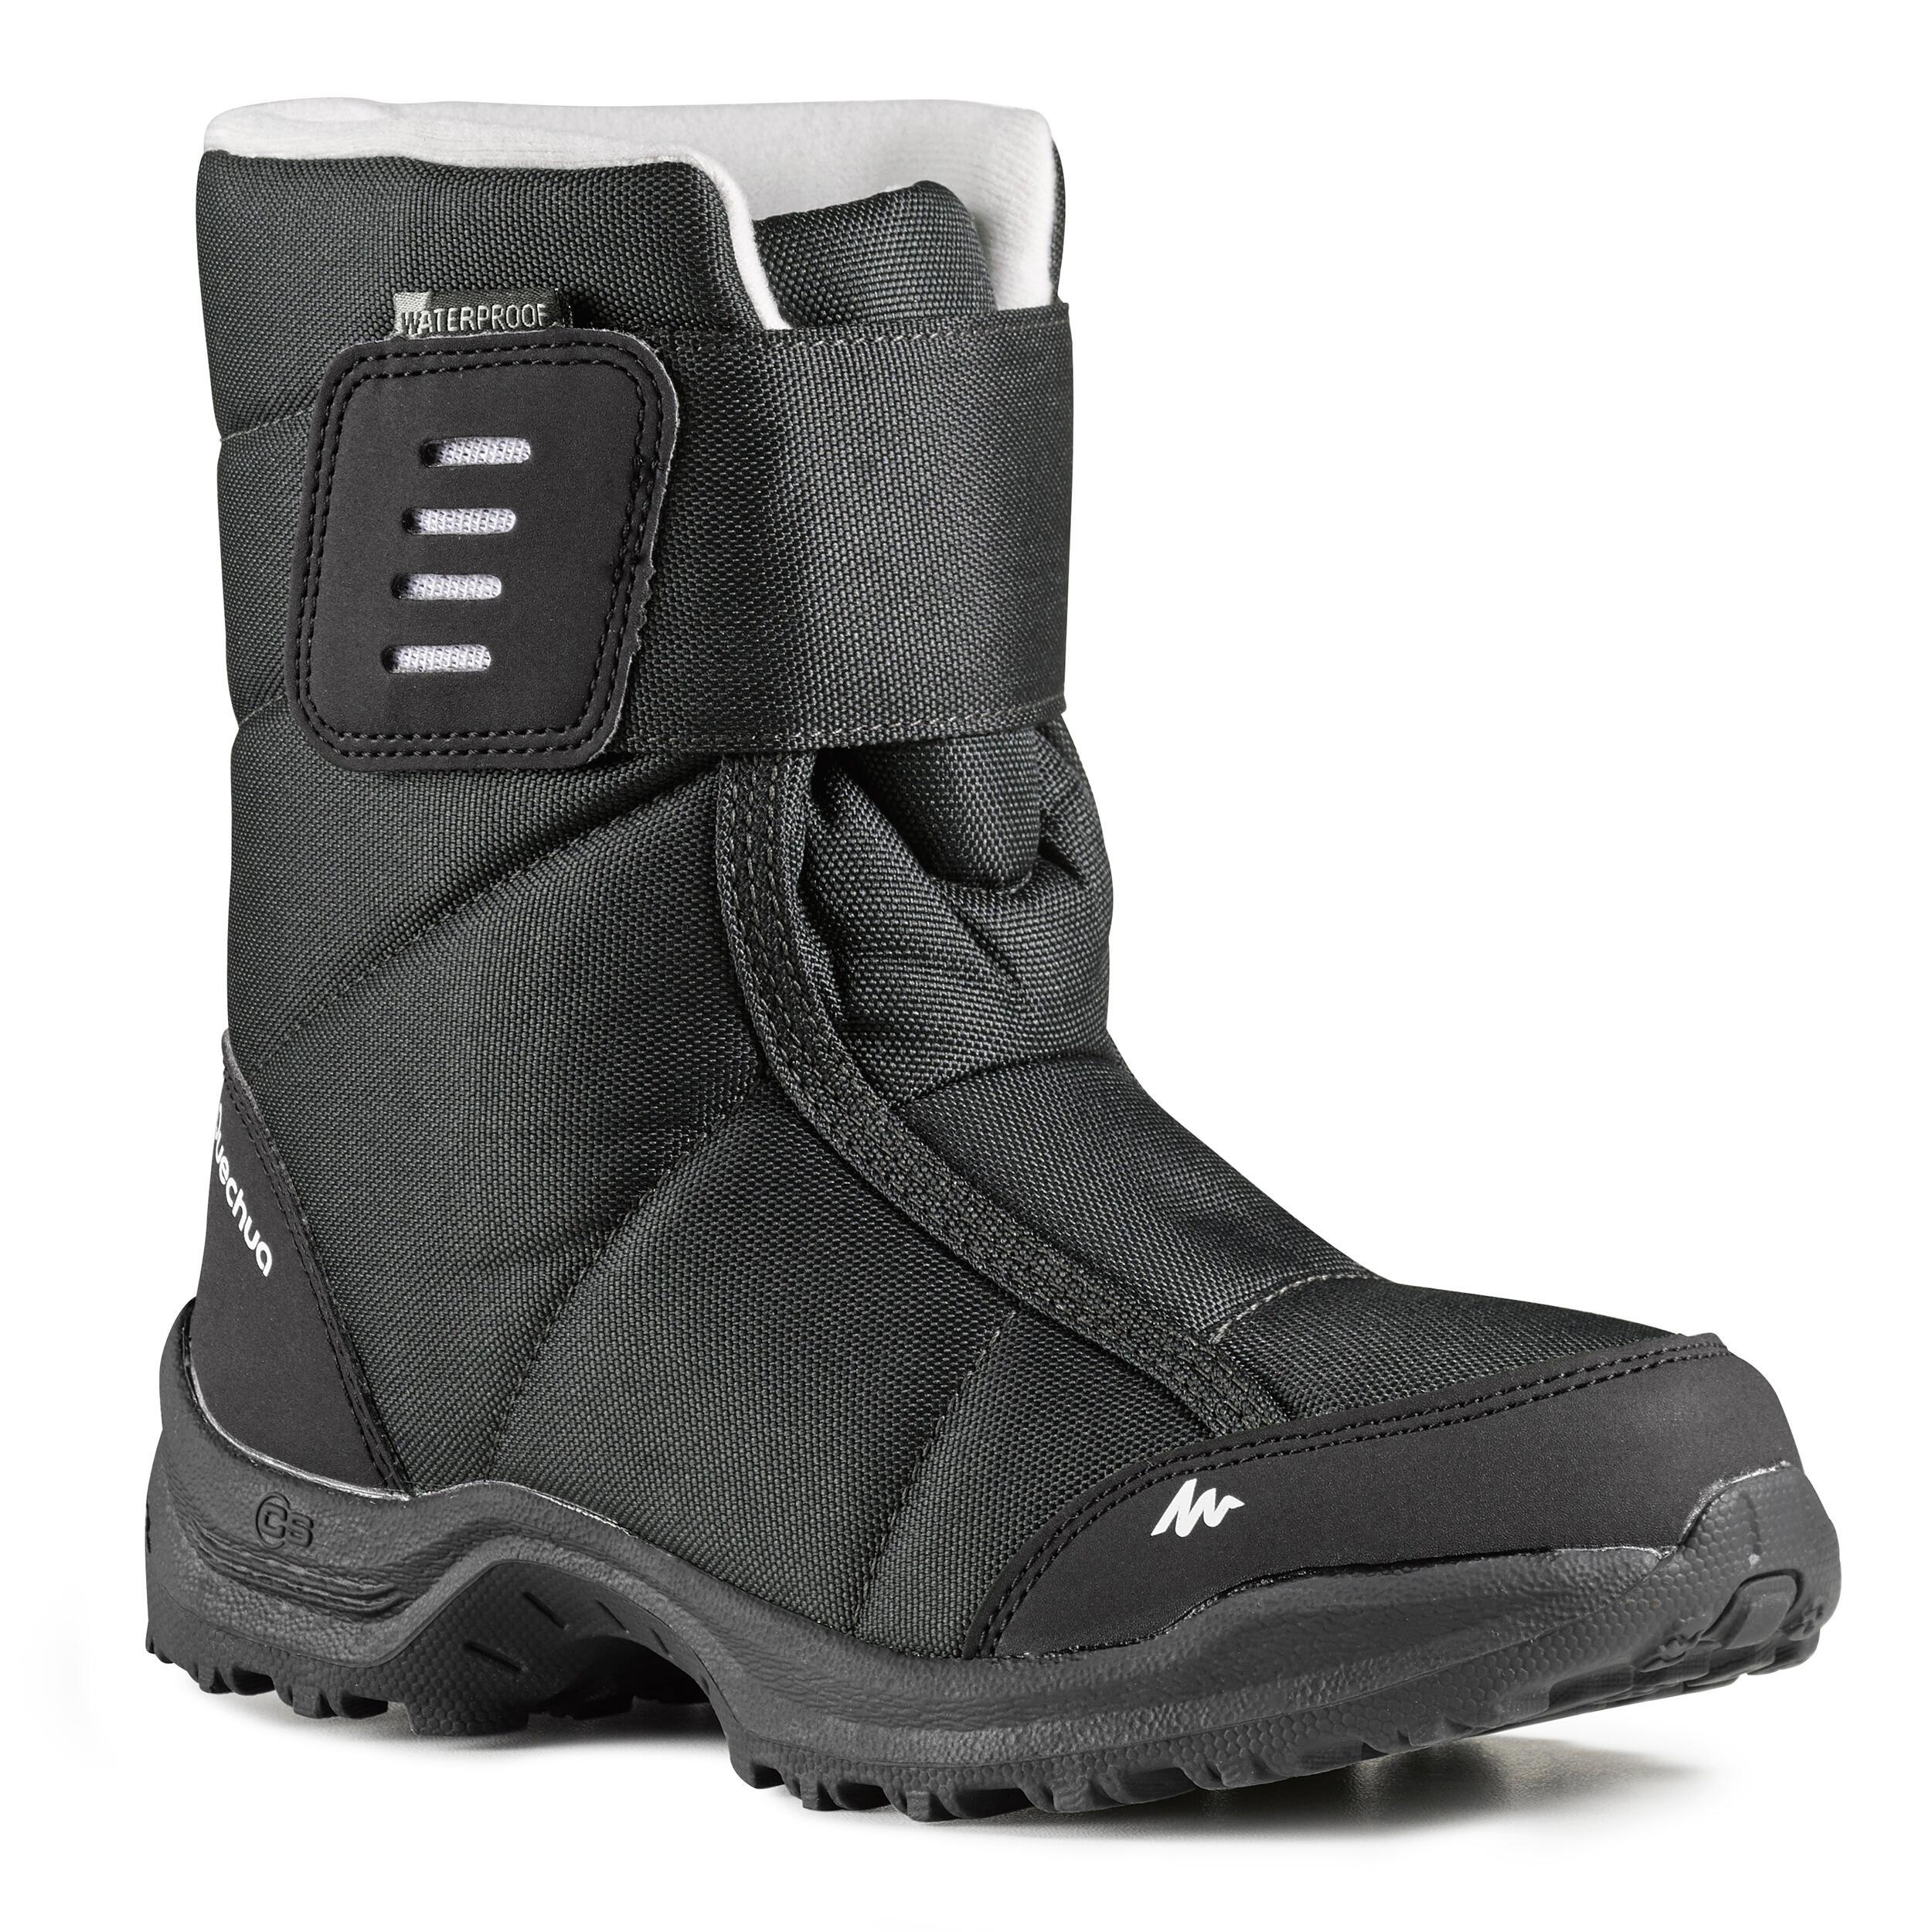 Quechua Kinder wandellaarzen voor de sneeuw SH100 X-warm